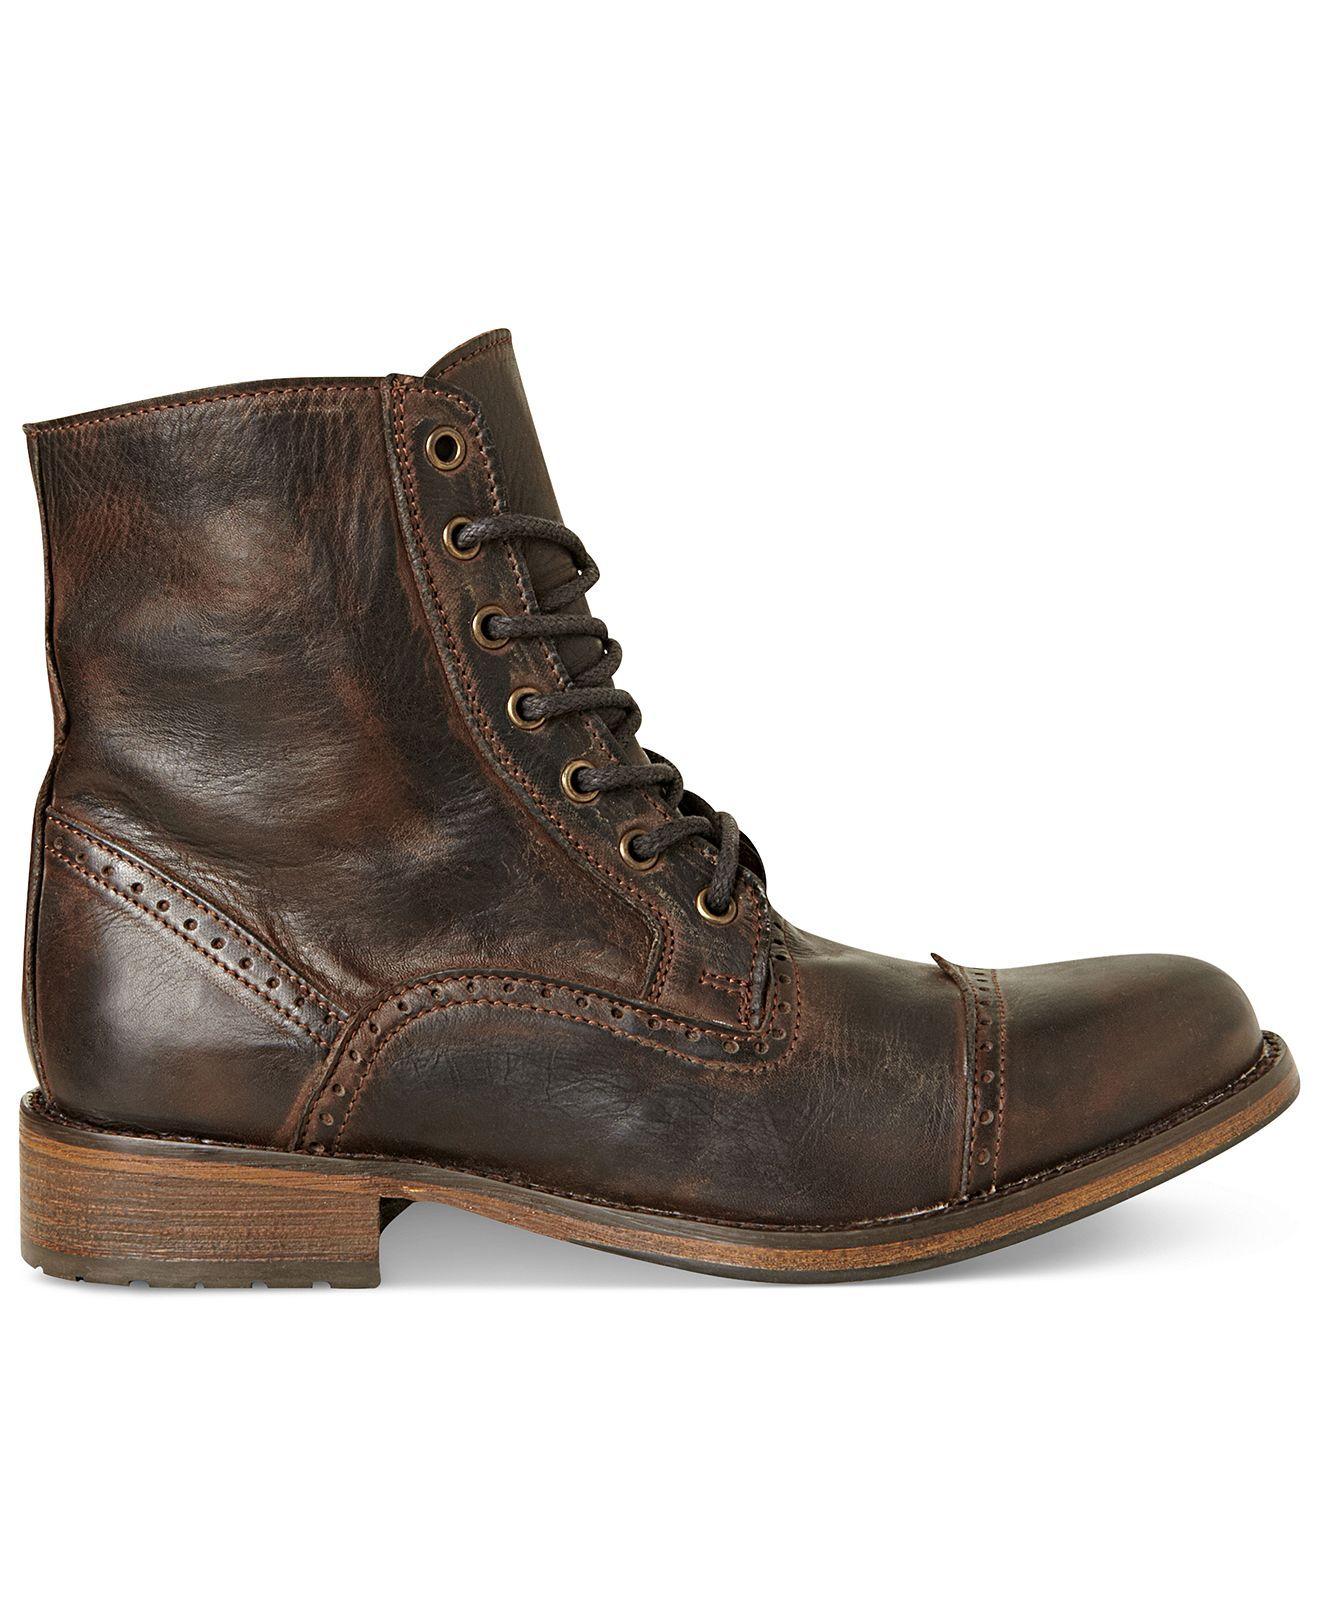 Steve Madden Men's Shoes - Macy's | Men's Fashion